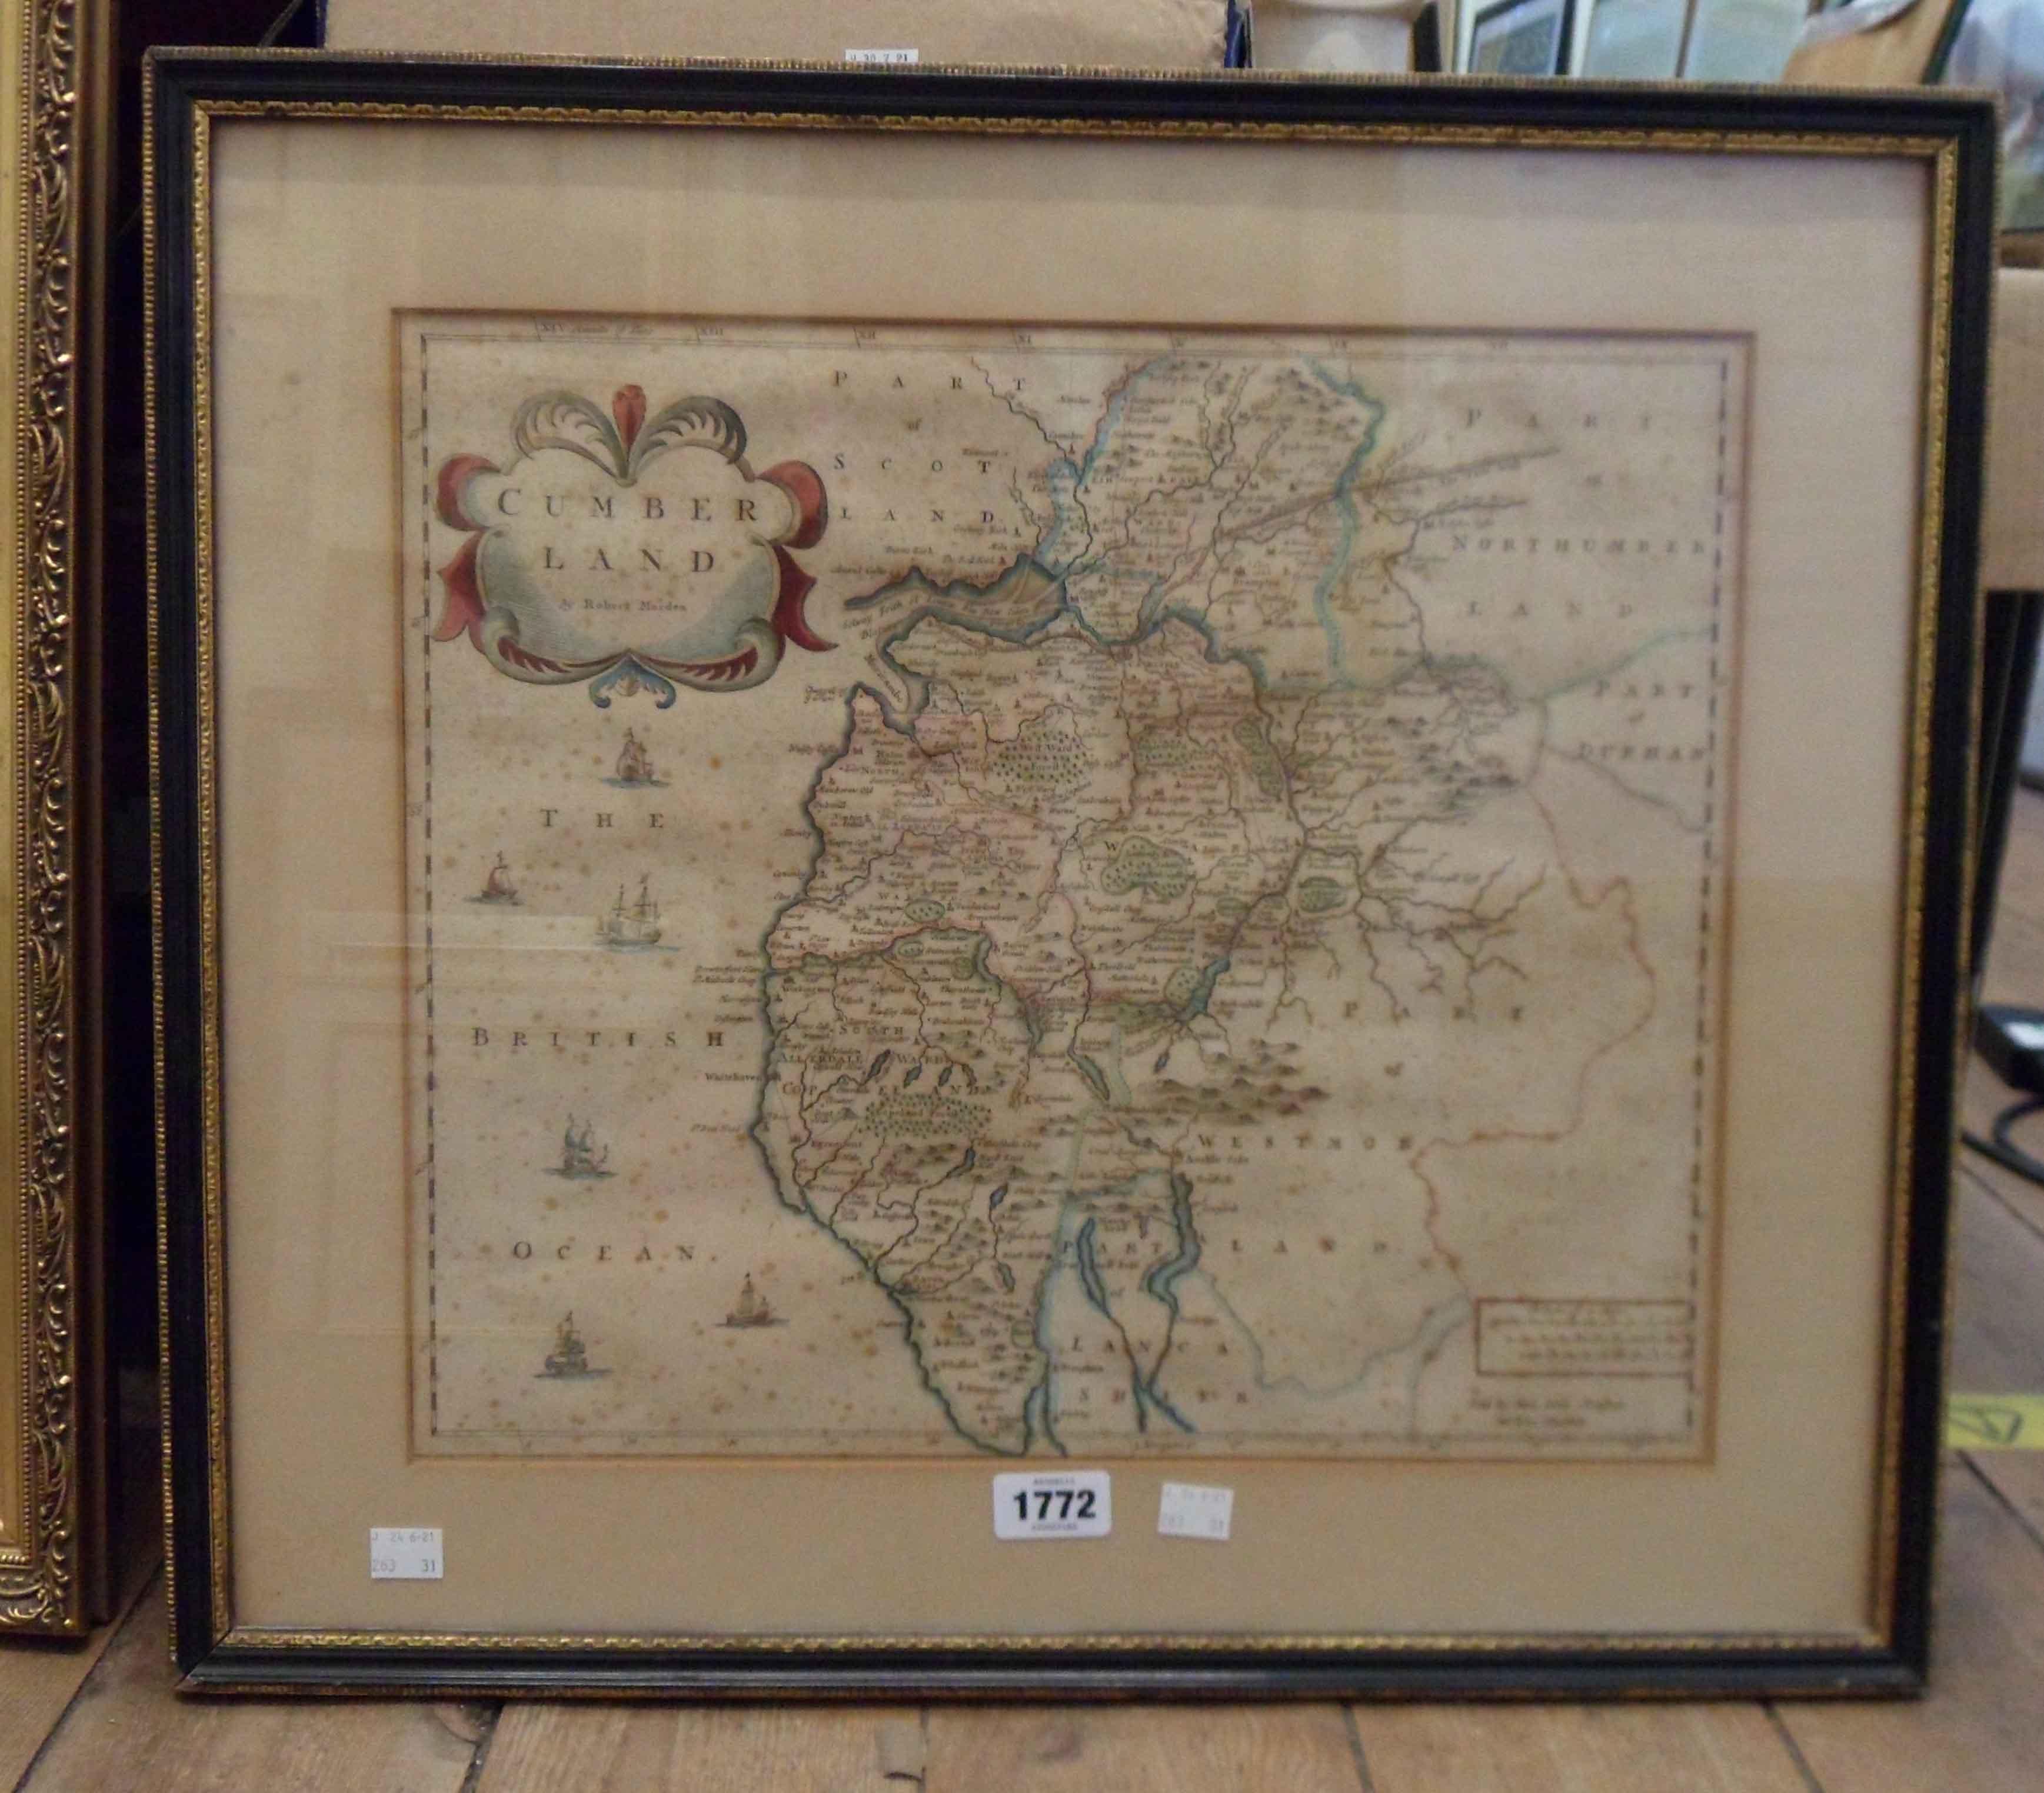 Robert Morden: a Hogarth framed antique hand coloured map print of Cumberland - foxing